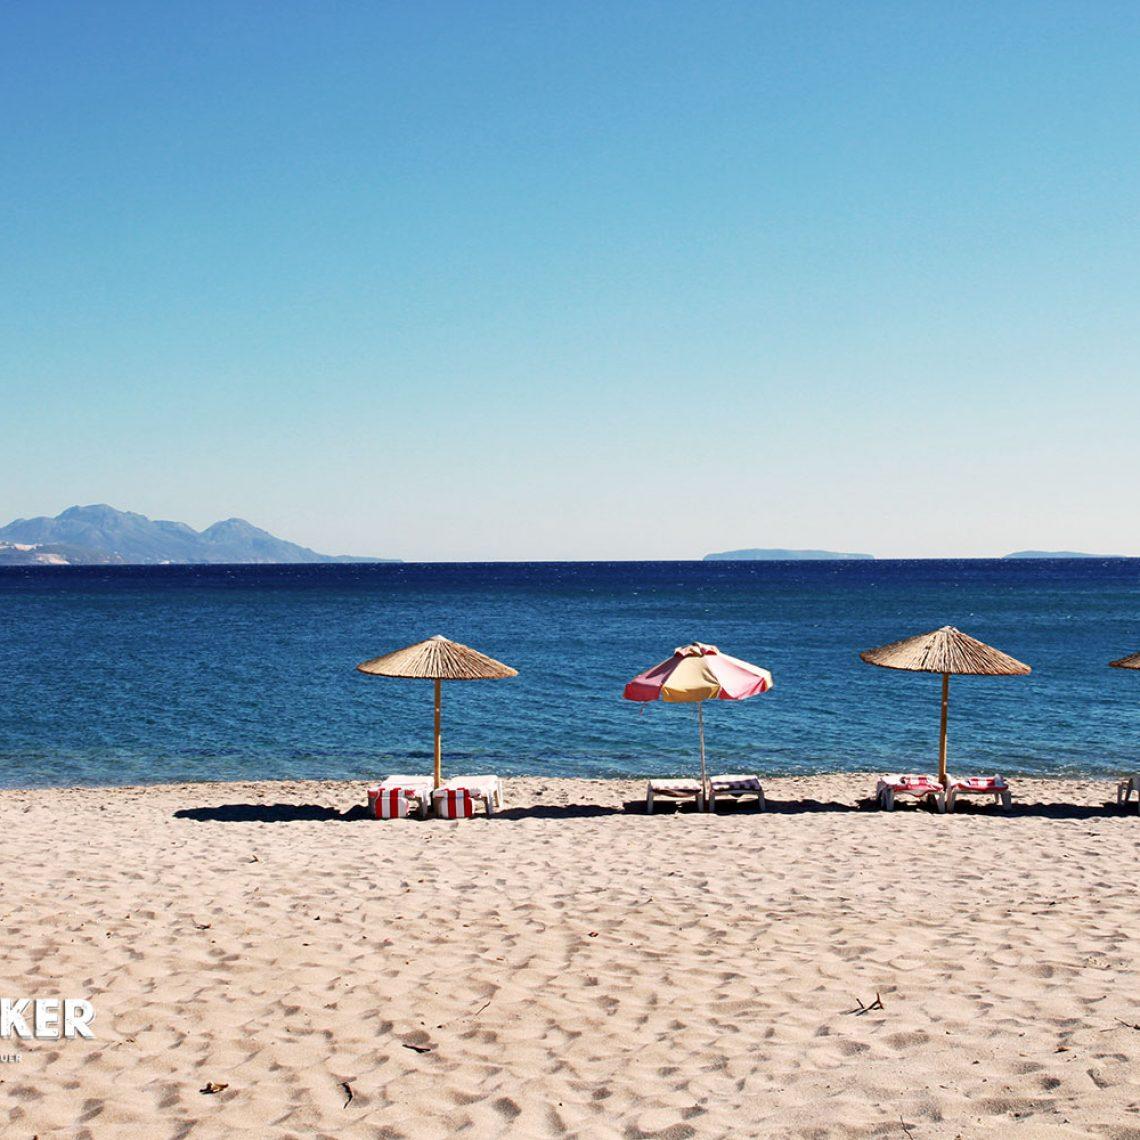 Feiner Sand, kristallblaues Meer. So bietet sich der Strand wie hier am Sunny Beach im Südosten der Insel.